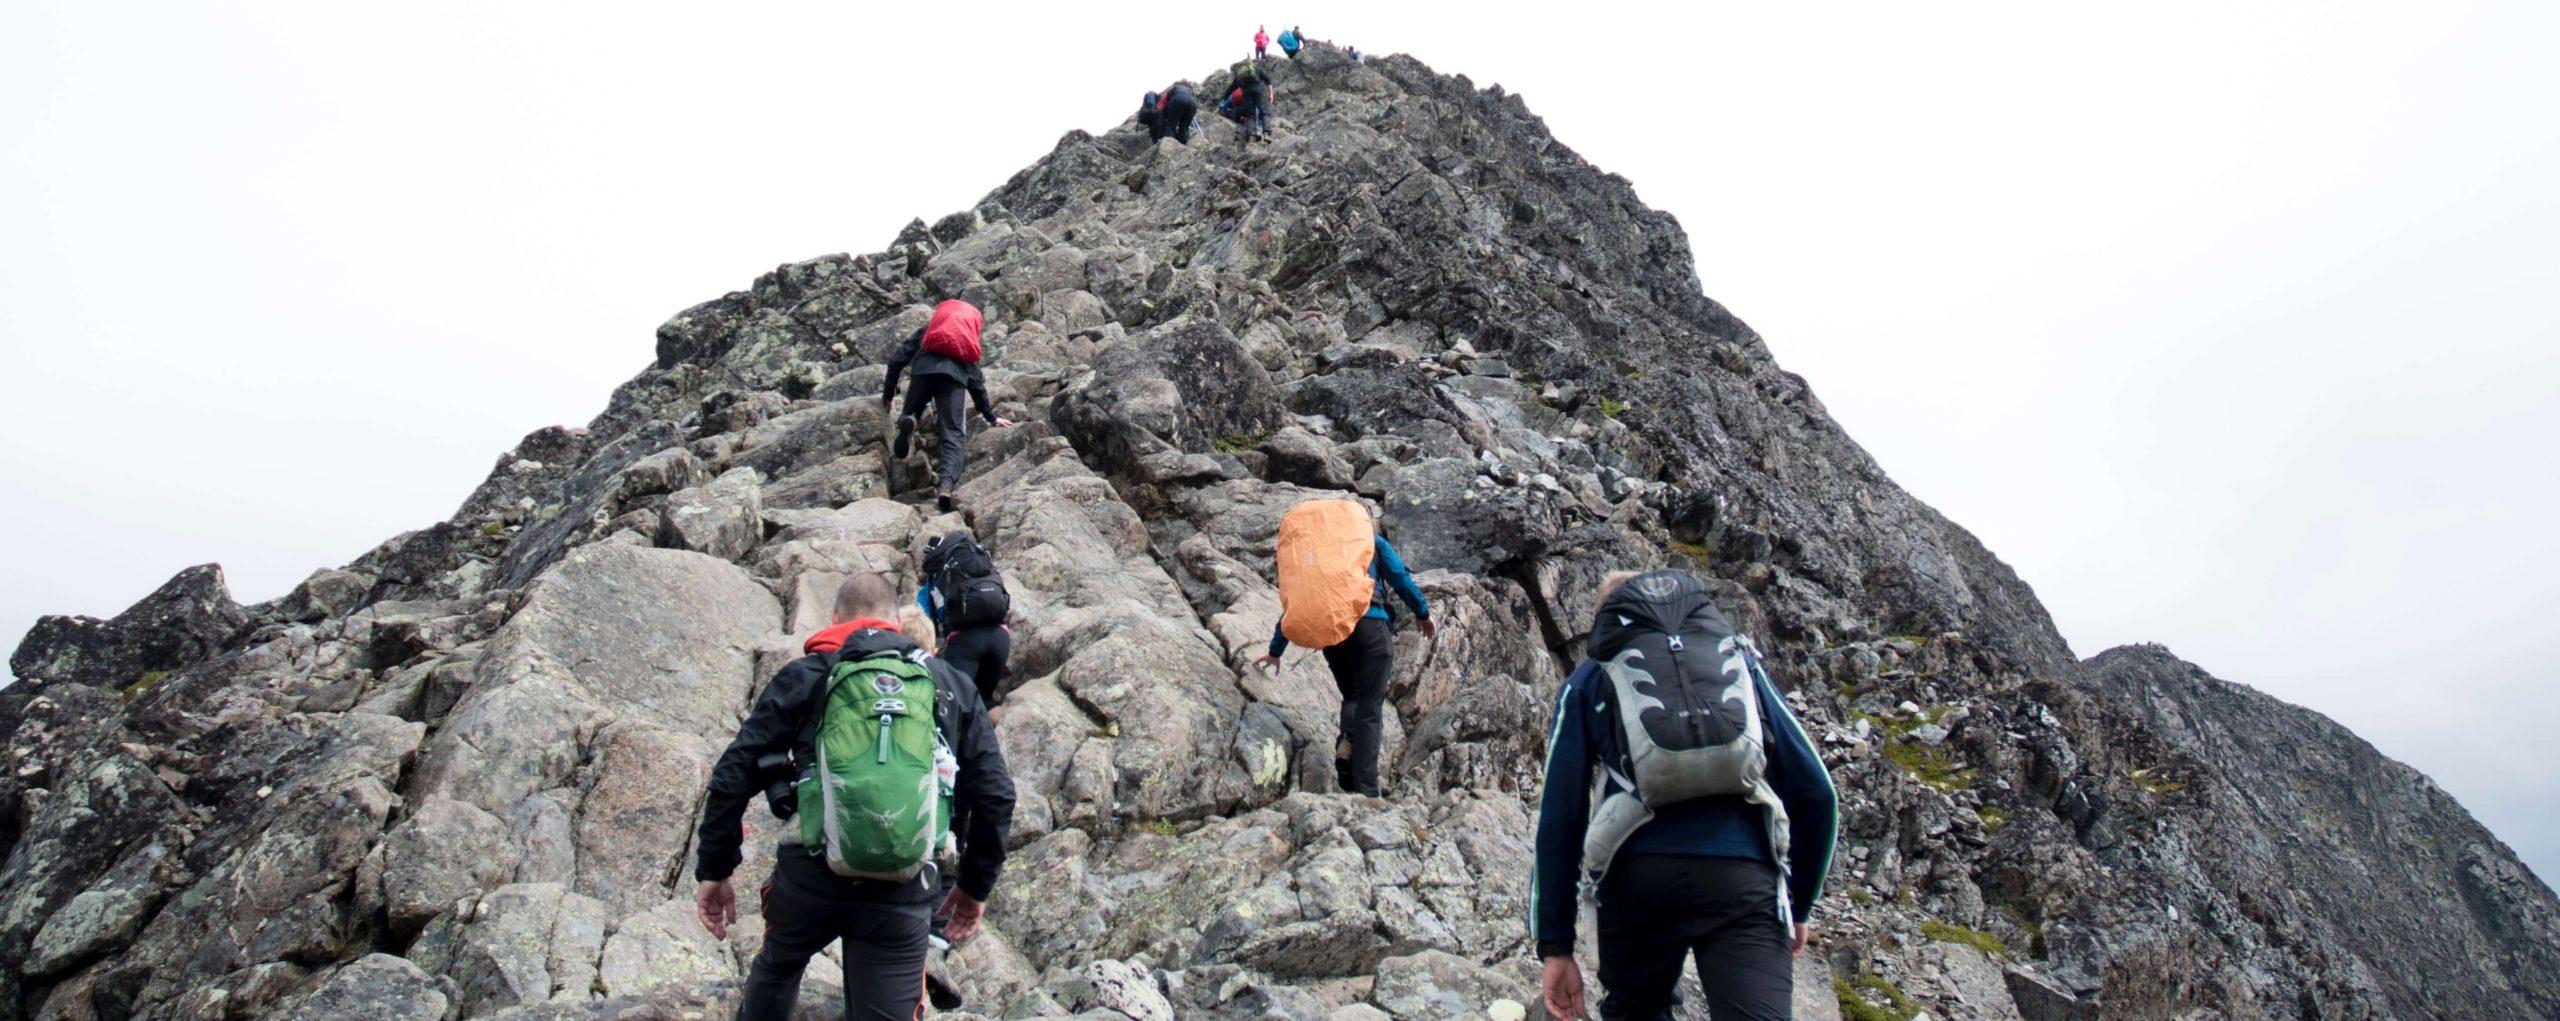 登山で困難な画像